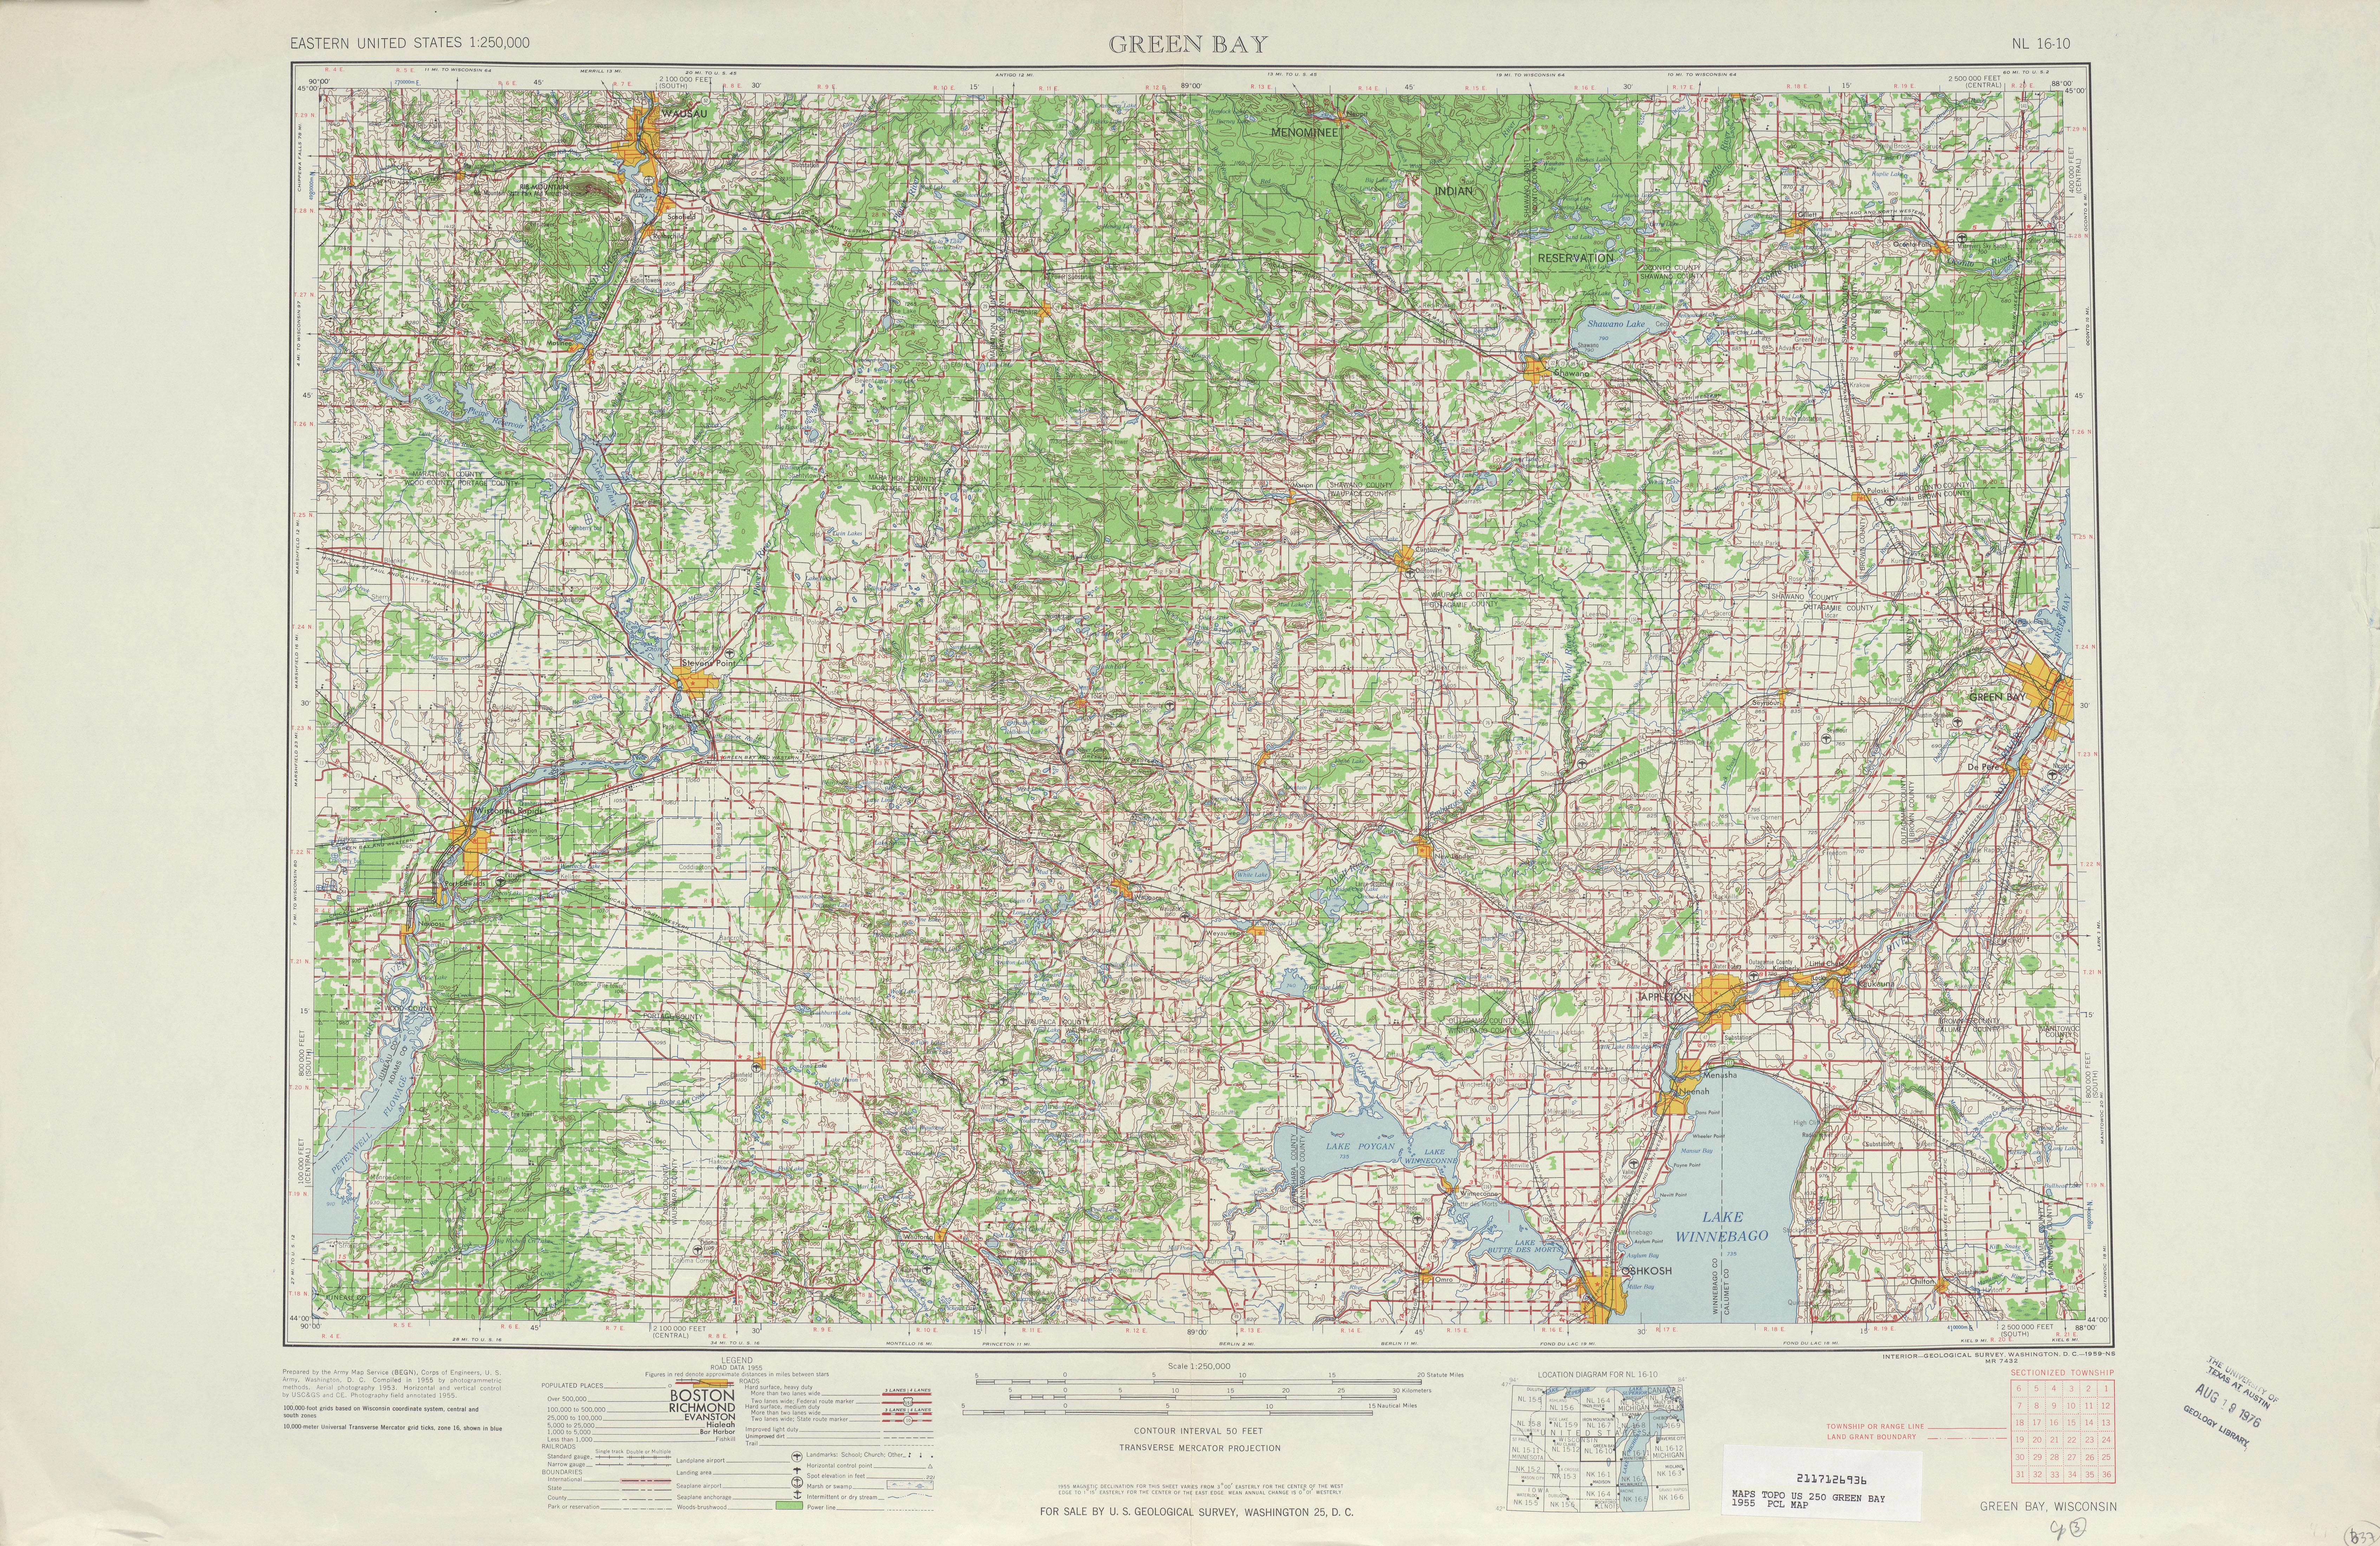 Hoja Green Bay del Mapa Topográfico de los Estados Unidos 1955